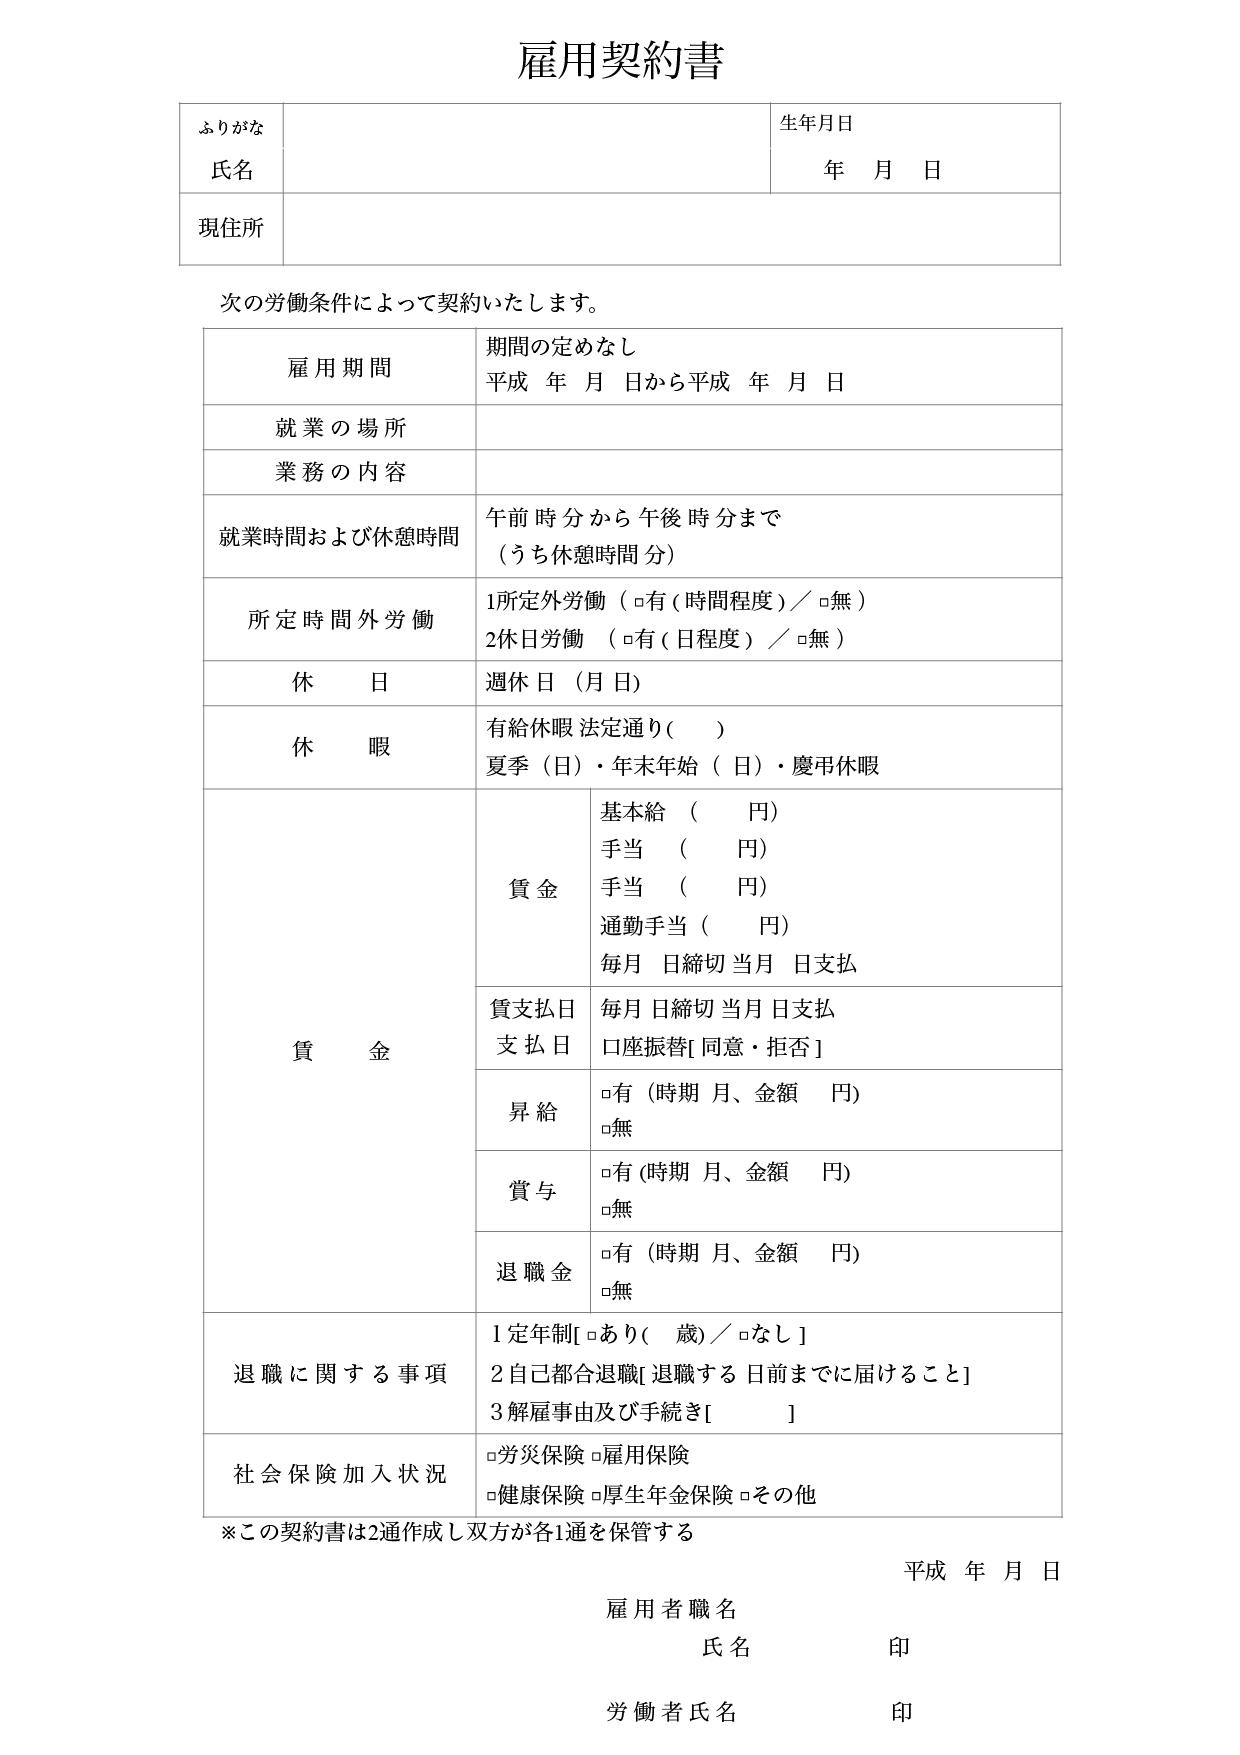 雇用契約書テンプレート_全ジャンル対応(ワード・ページズ)